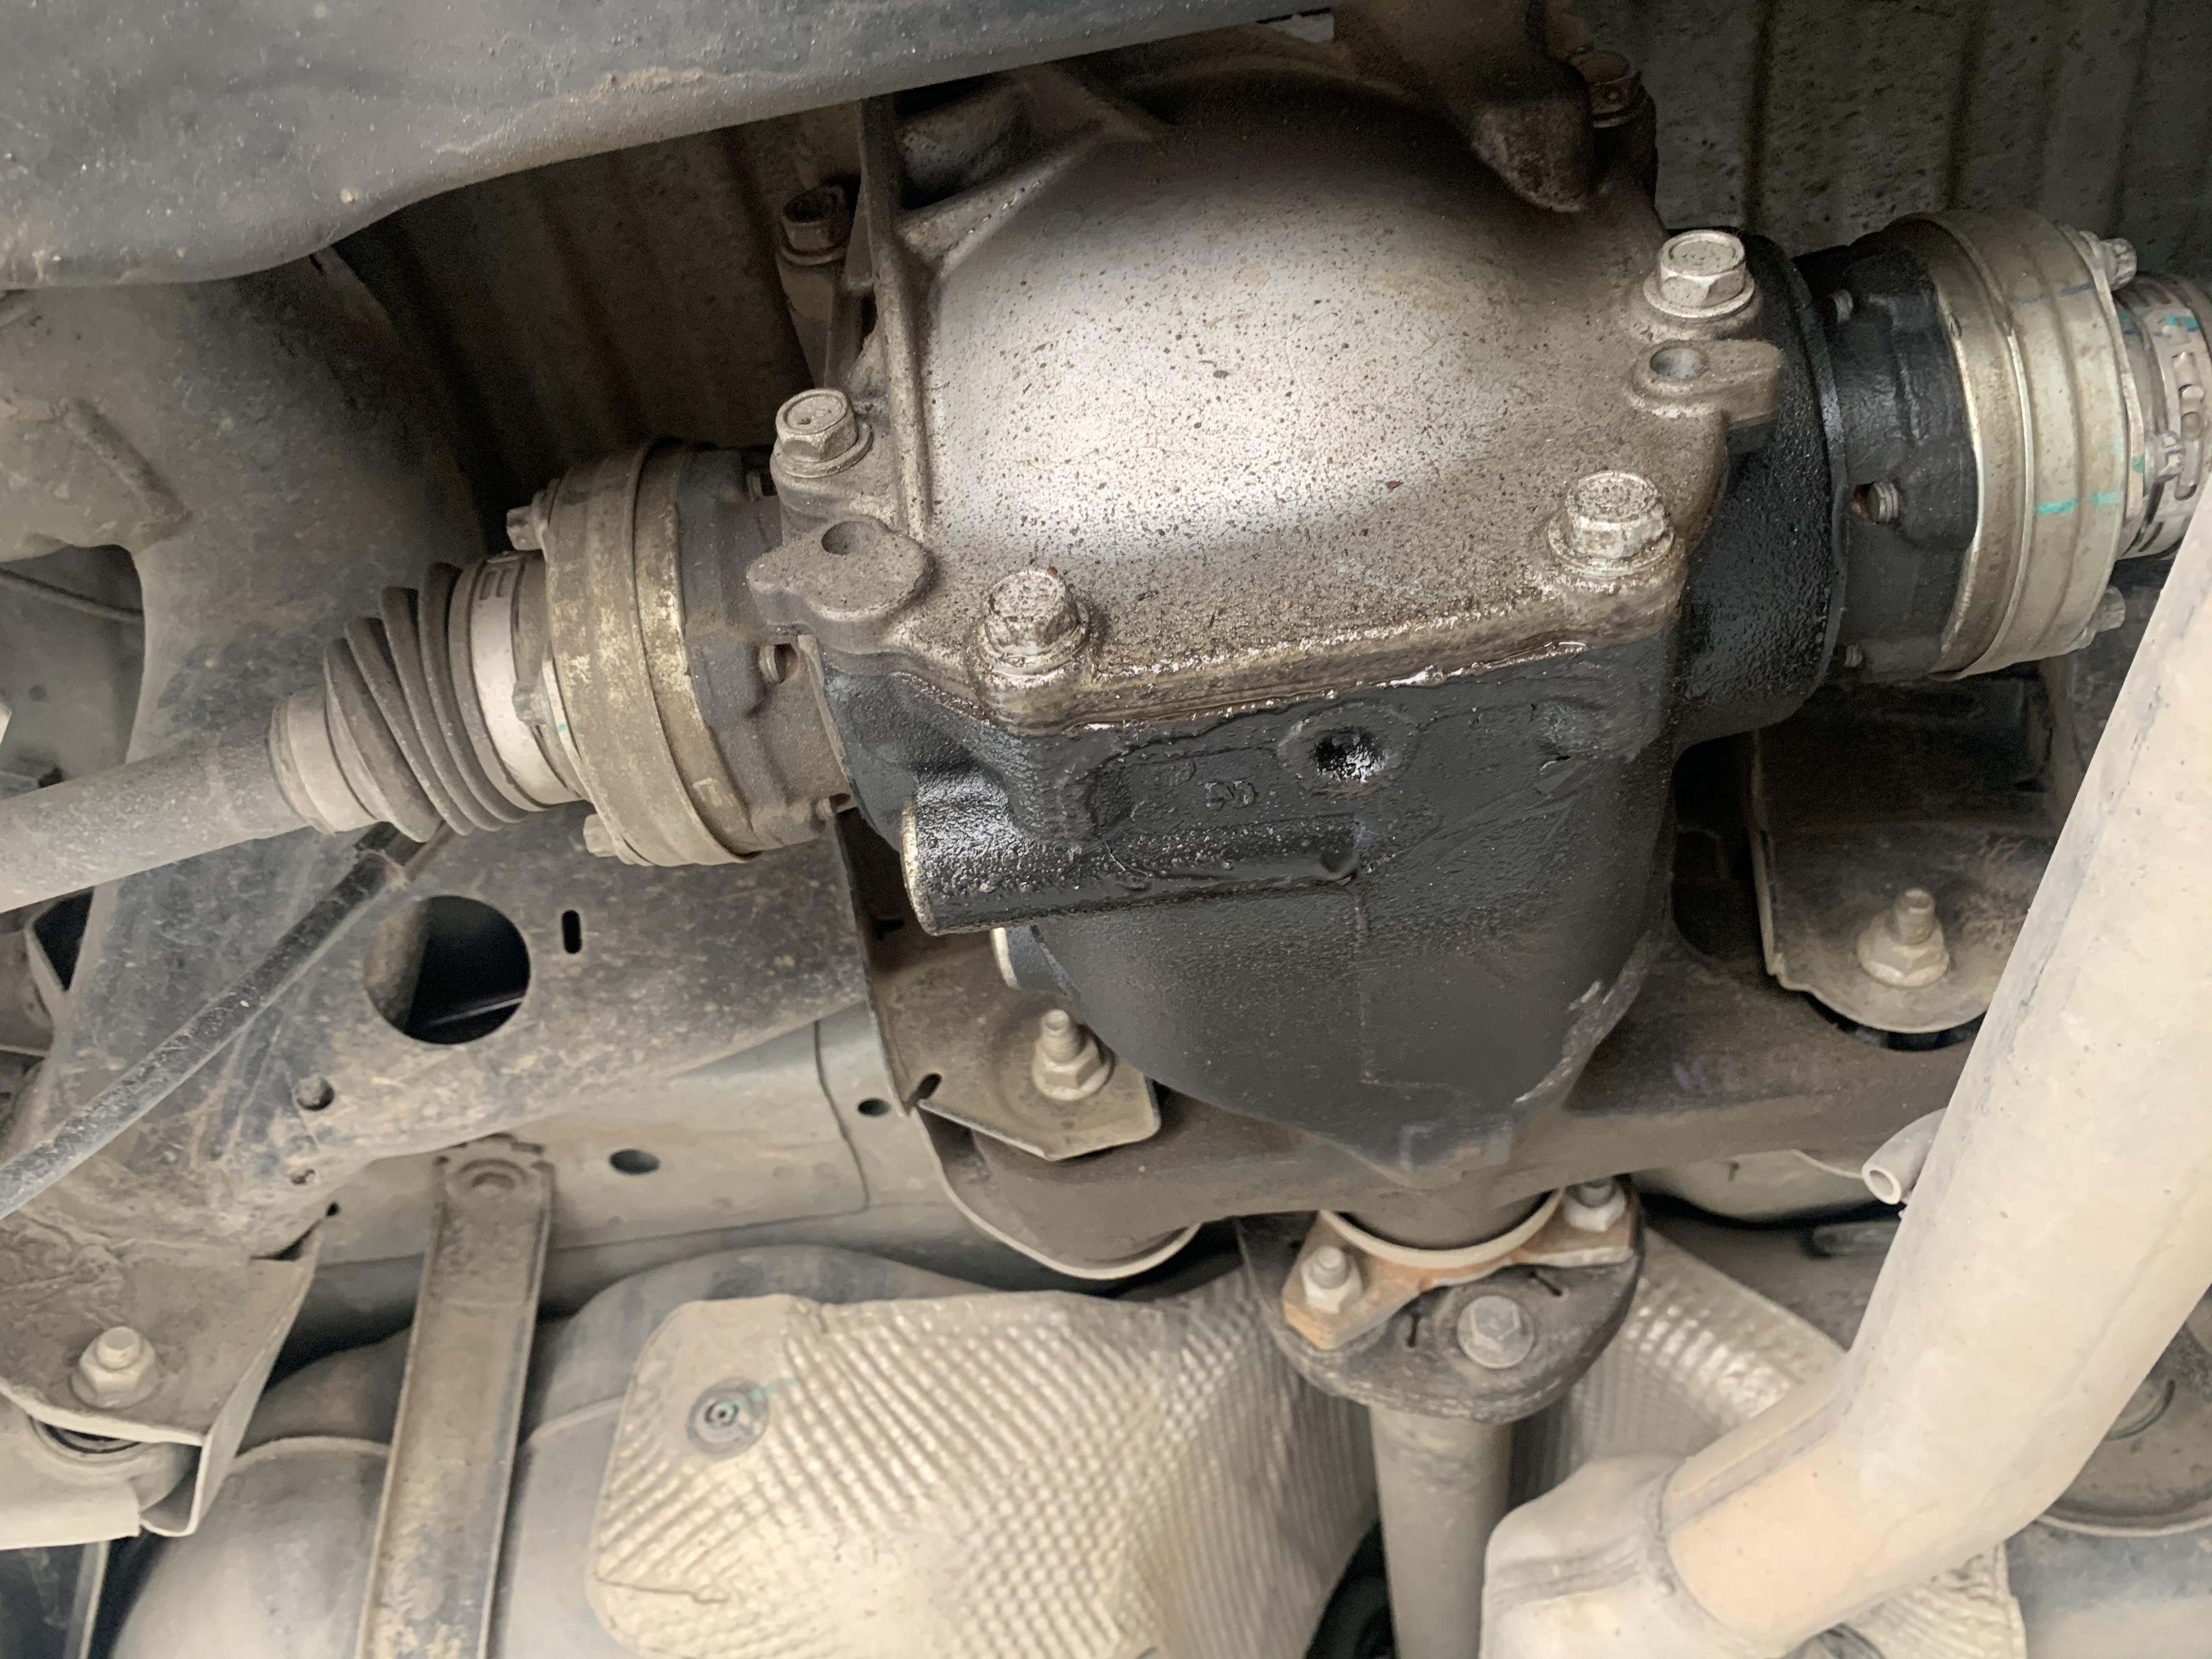 凯迪拉克-ATS-L后桥油封漏油4S店多次维修不好